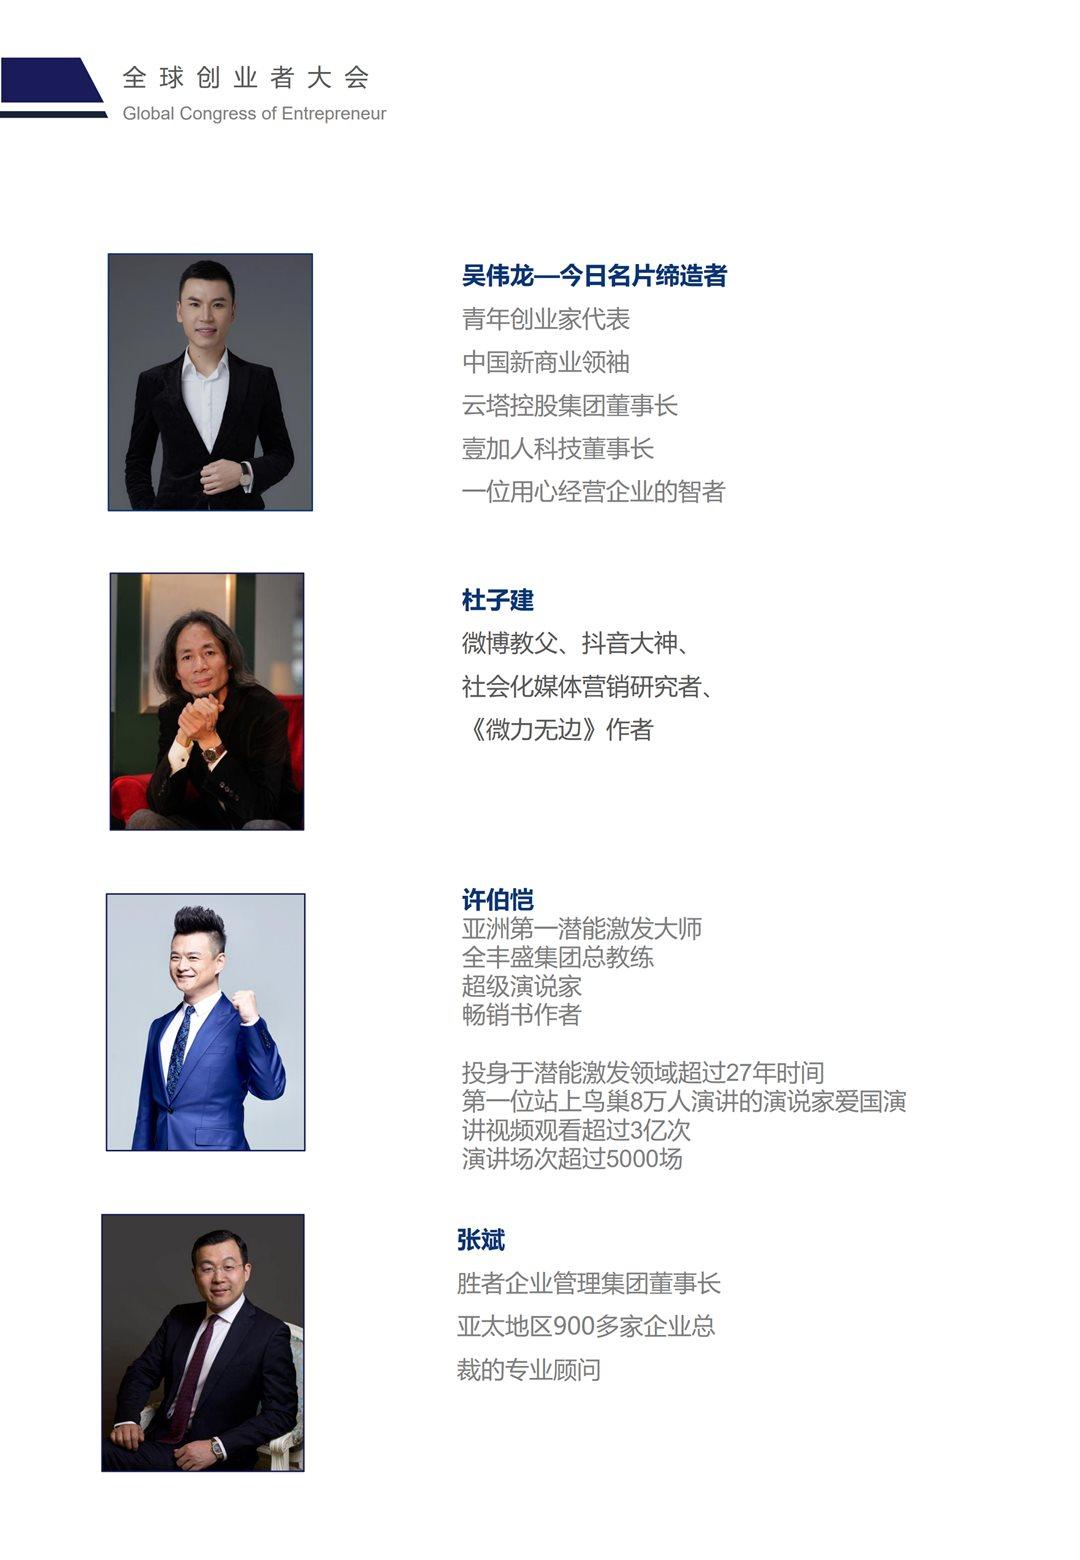 全球创新者大会-社交电商营销峰会(邀请函)_05.png